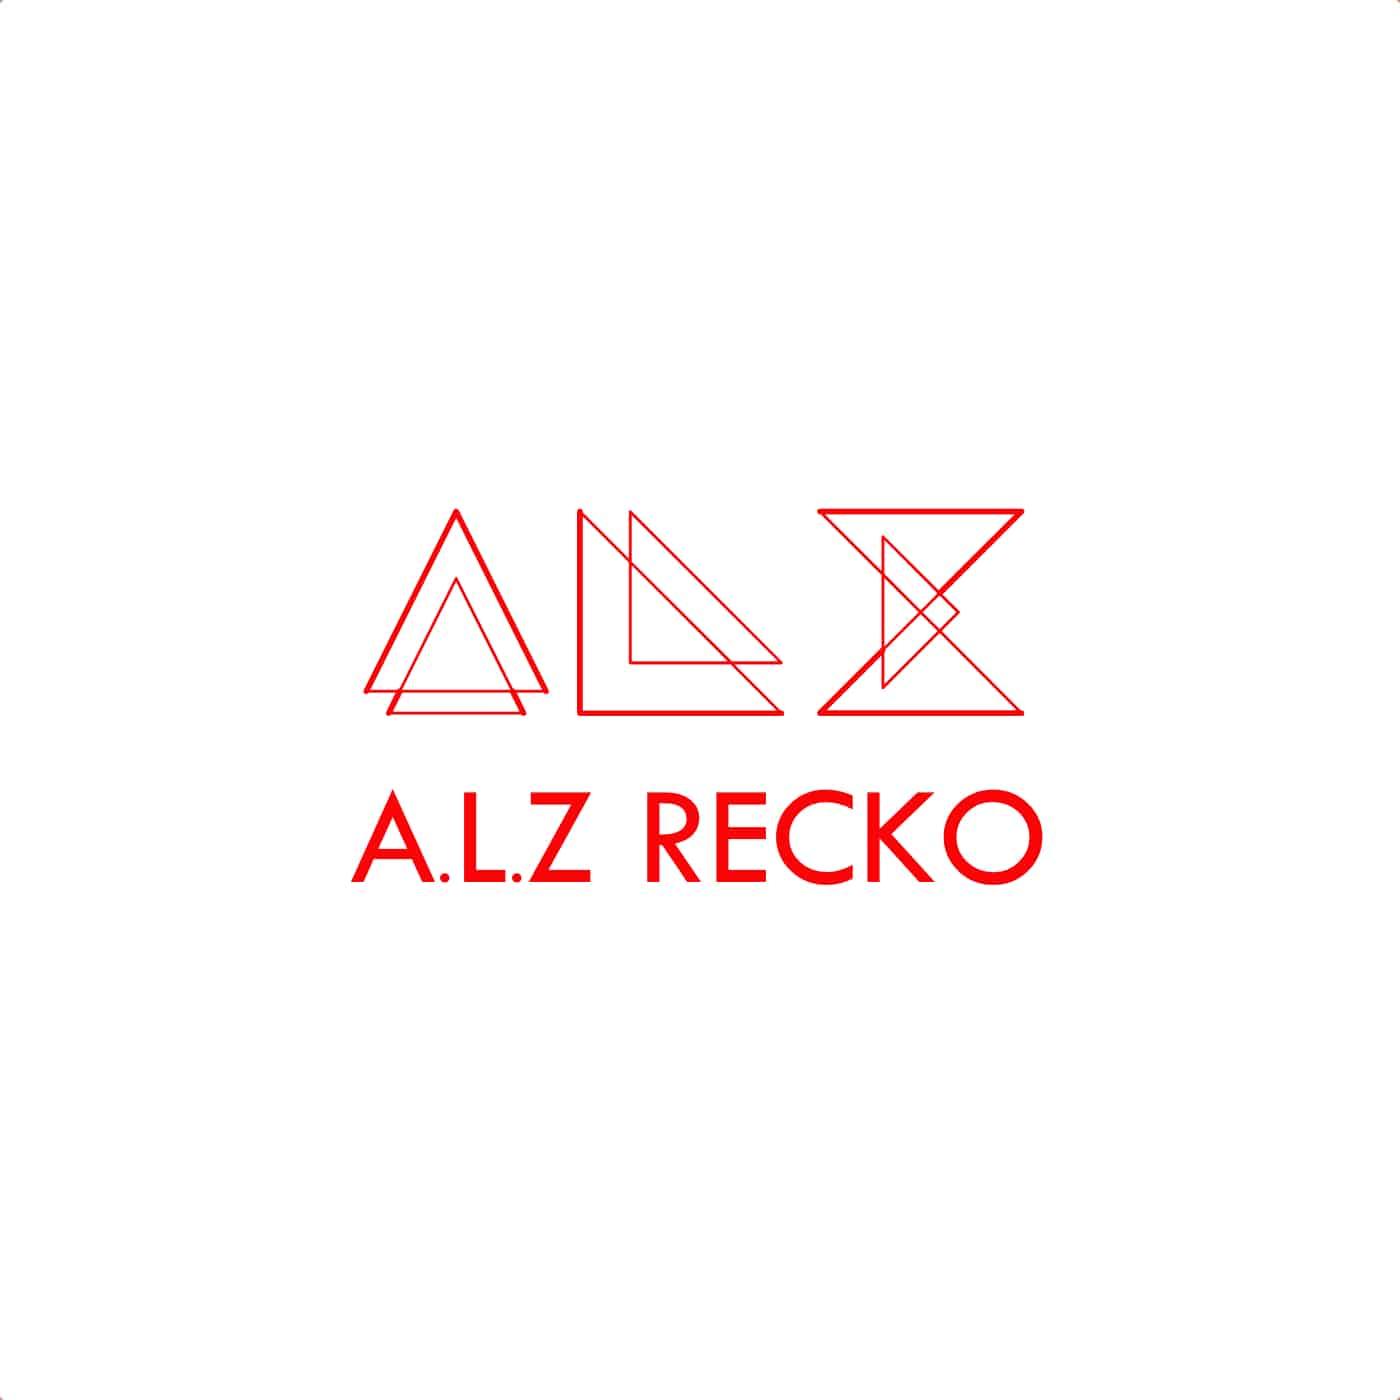 A.L.Z Recko